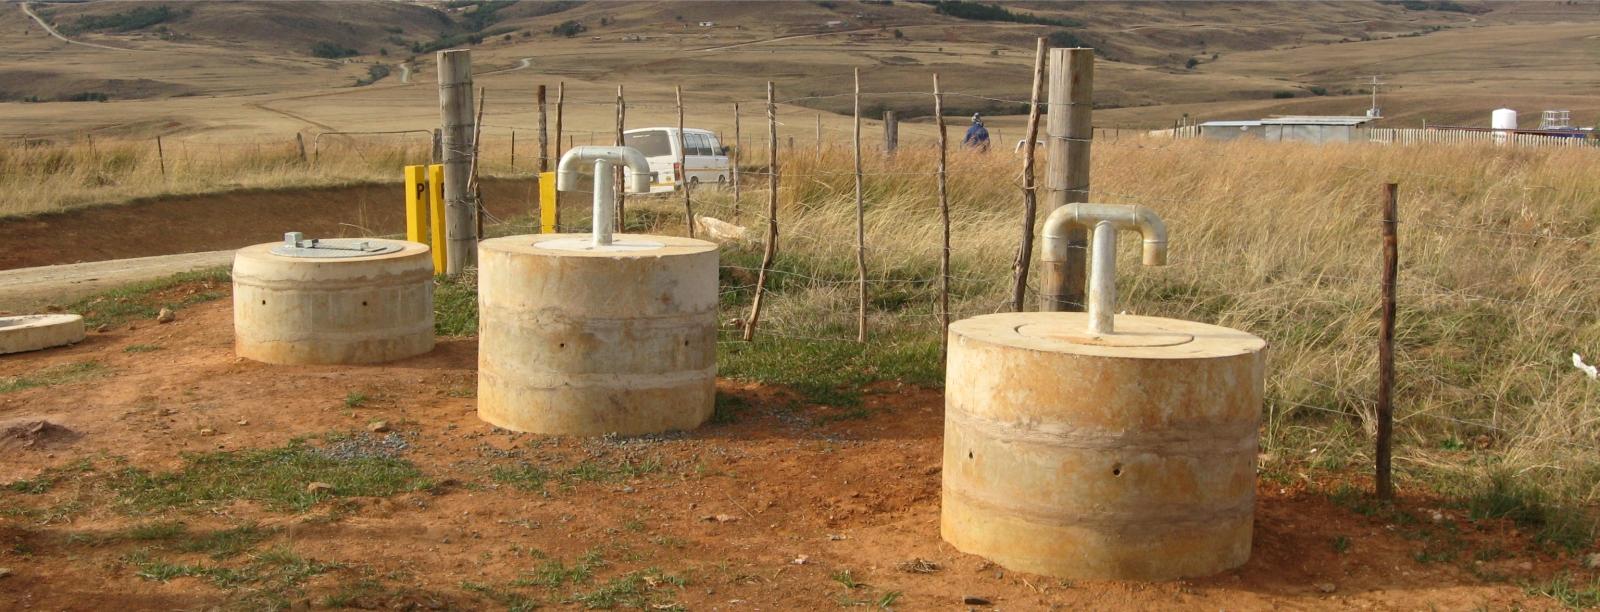 Perforacion de pozos de agua for Construccion de piletas de agua